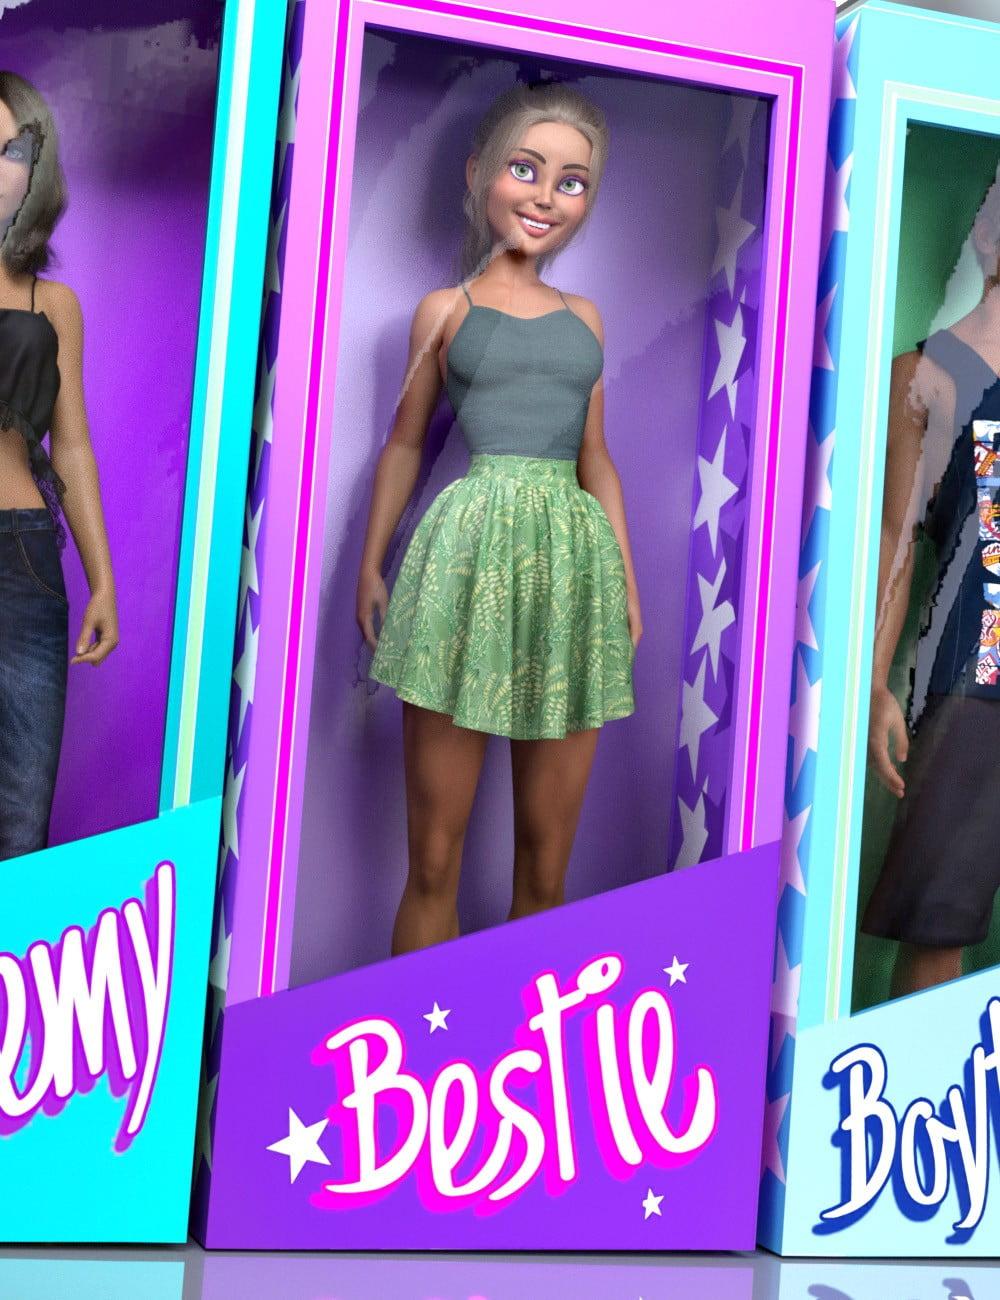 DP Bestie for The Girl 8